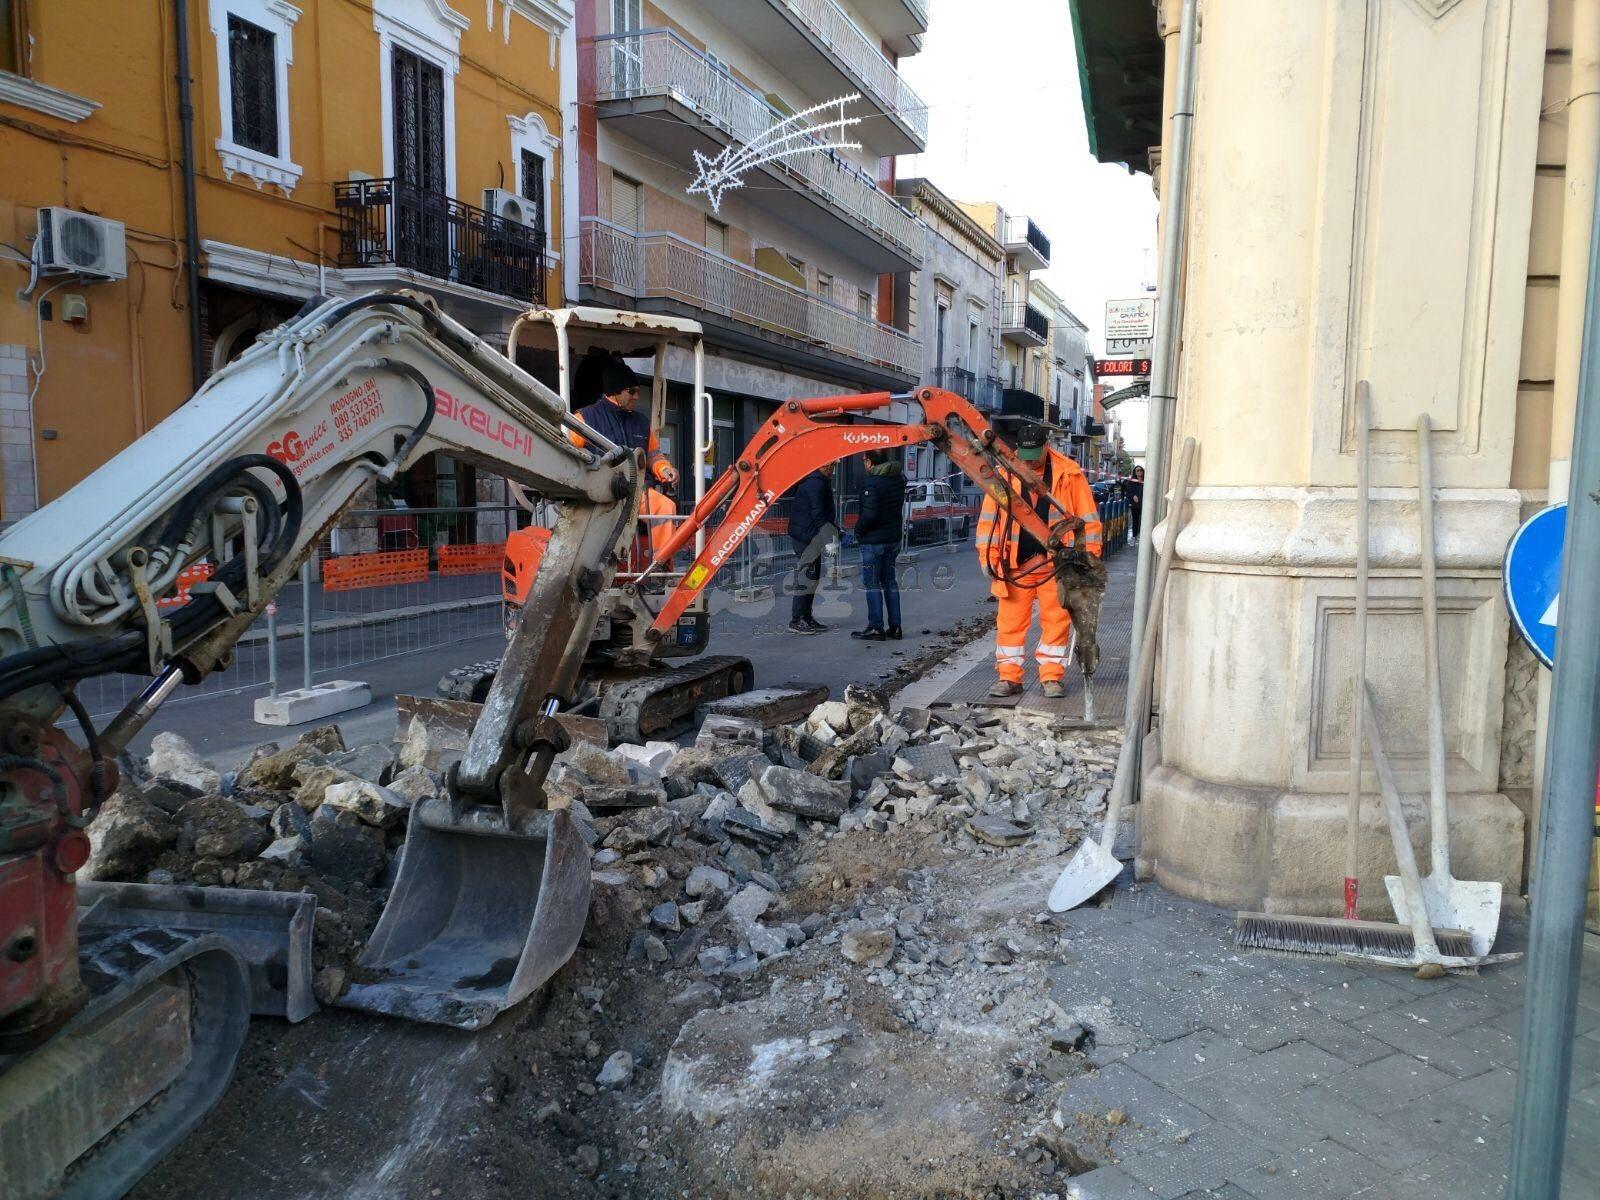 Carbonara Di Bari Storia bari, nuovi marciapiedi più larghi a carbonara: iniziati i